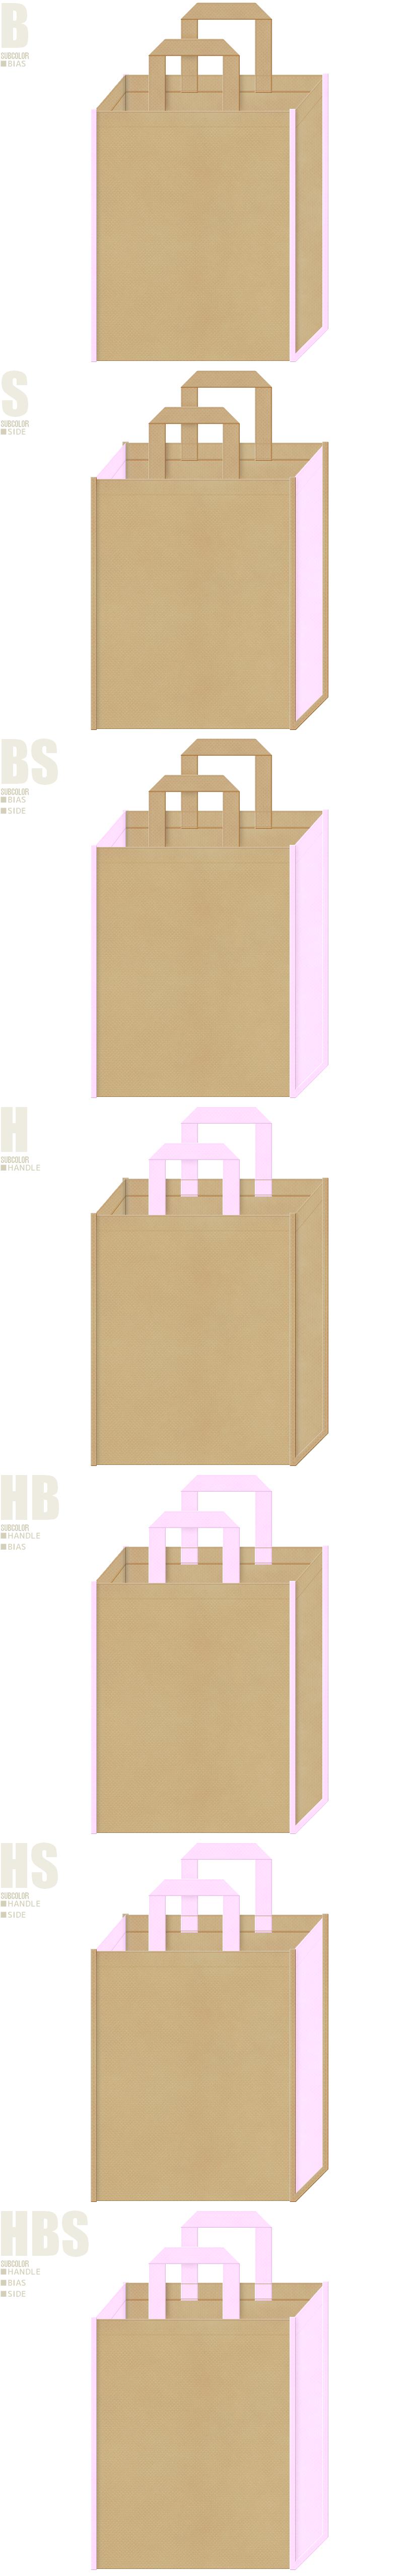 絵本・おとぎ話・ペットショップ・ペットサロン・アニマルケア・小鹿・小熊・子犬・ぬいぐるみ・ガーリーデザインにお奨めの不織布バッグデザイン:カーキ色と明るいピンク色の配色7パターン。